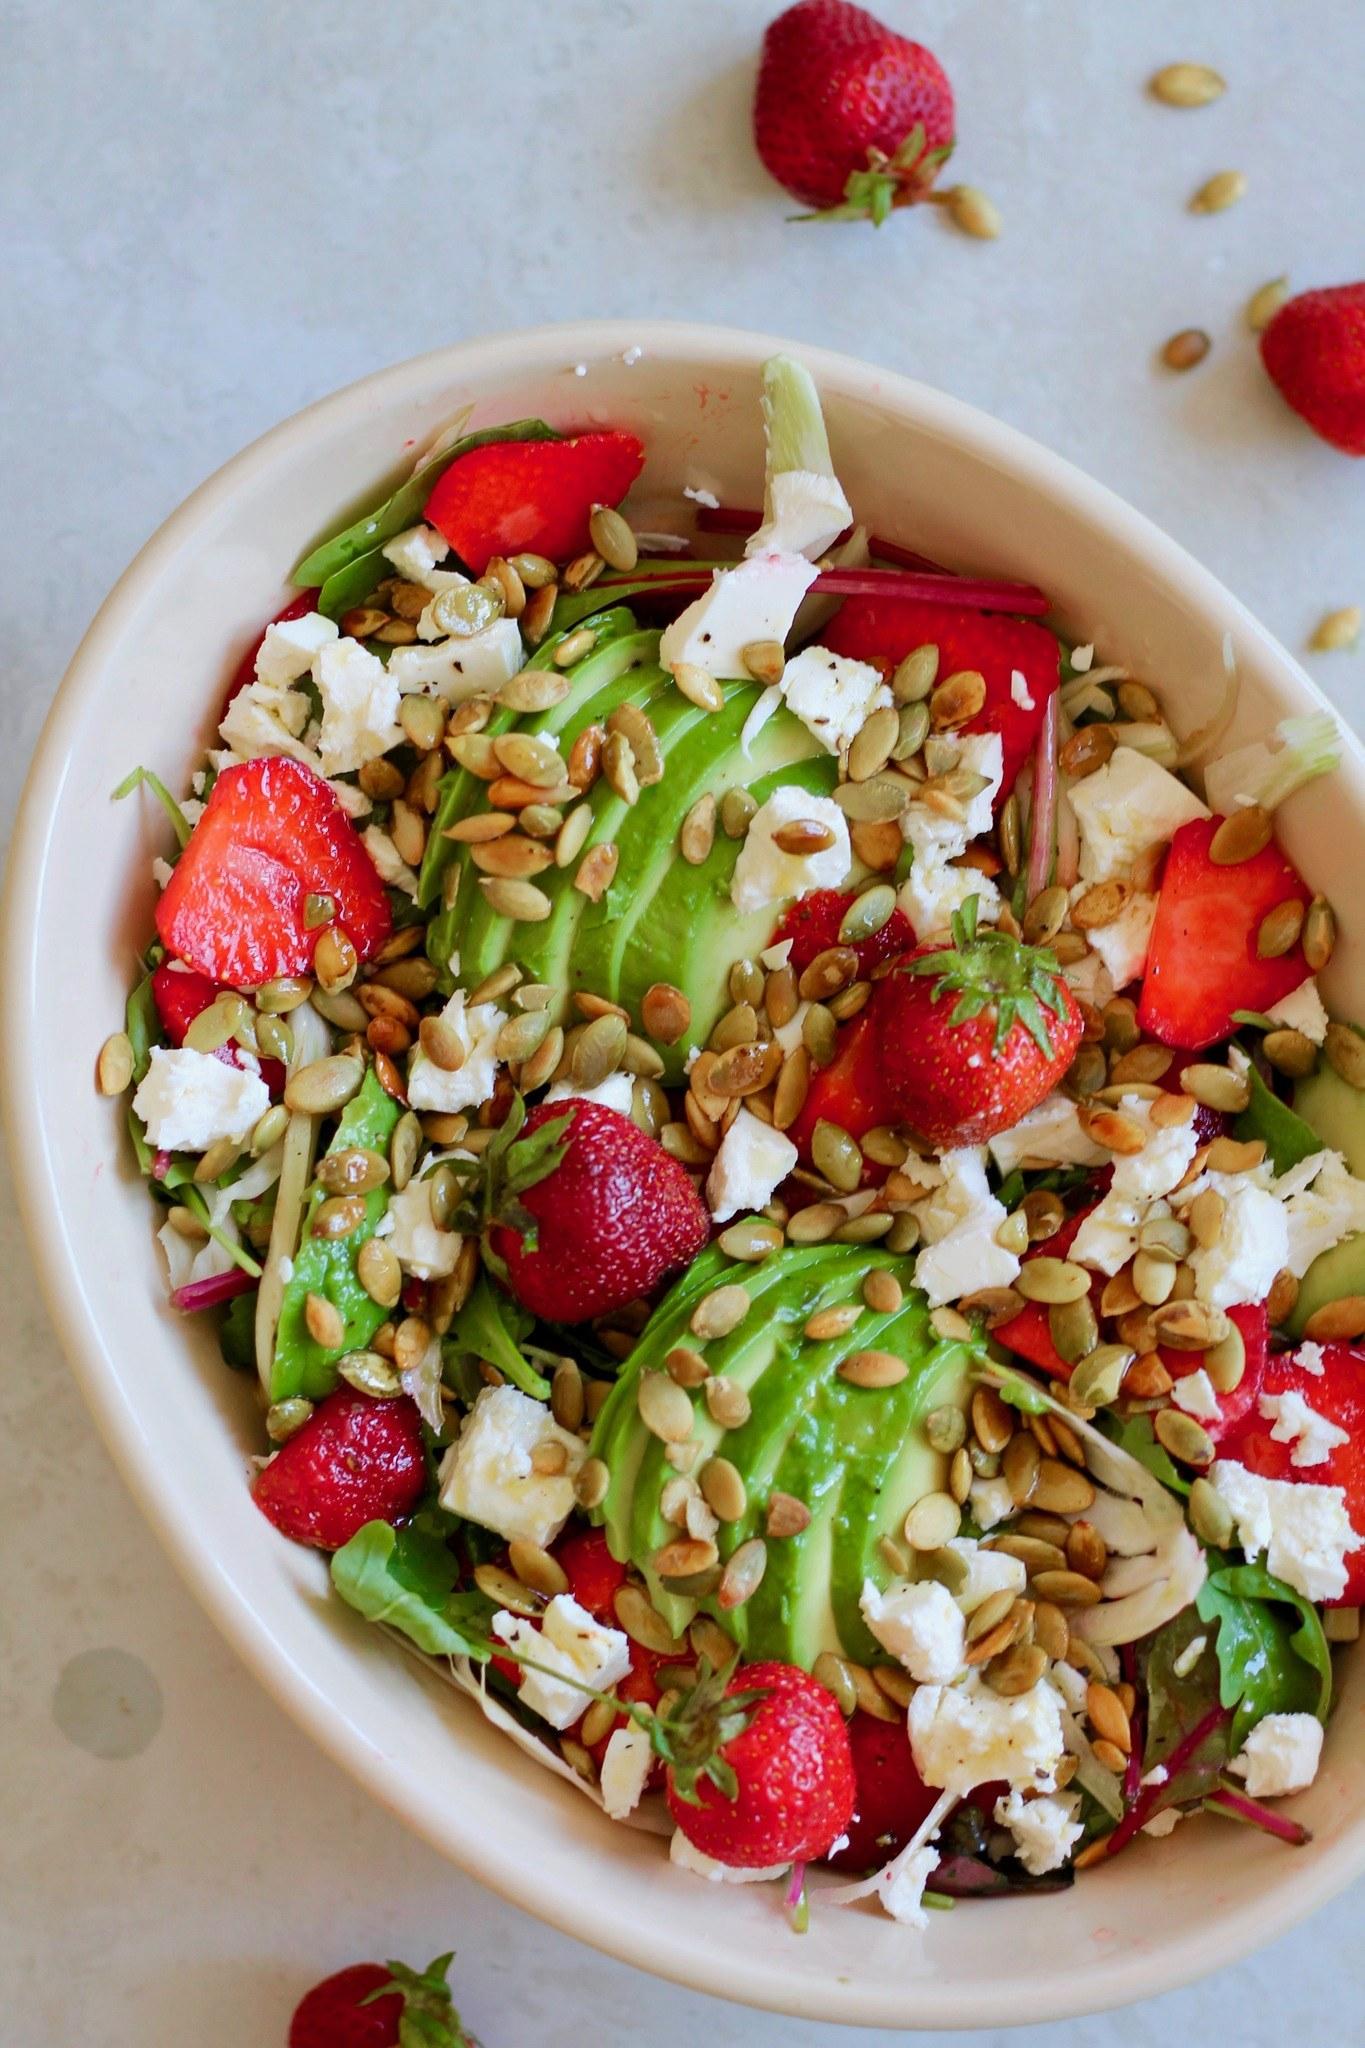 Jordbærsalat med avocado, fennikel og feta